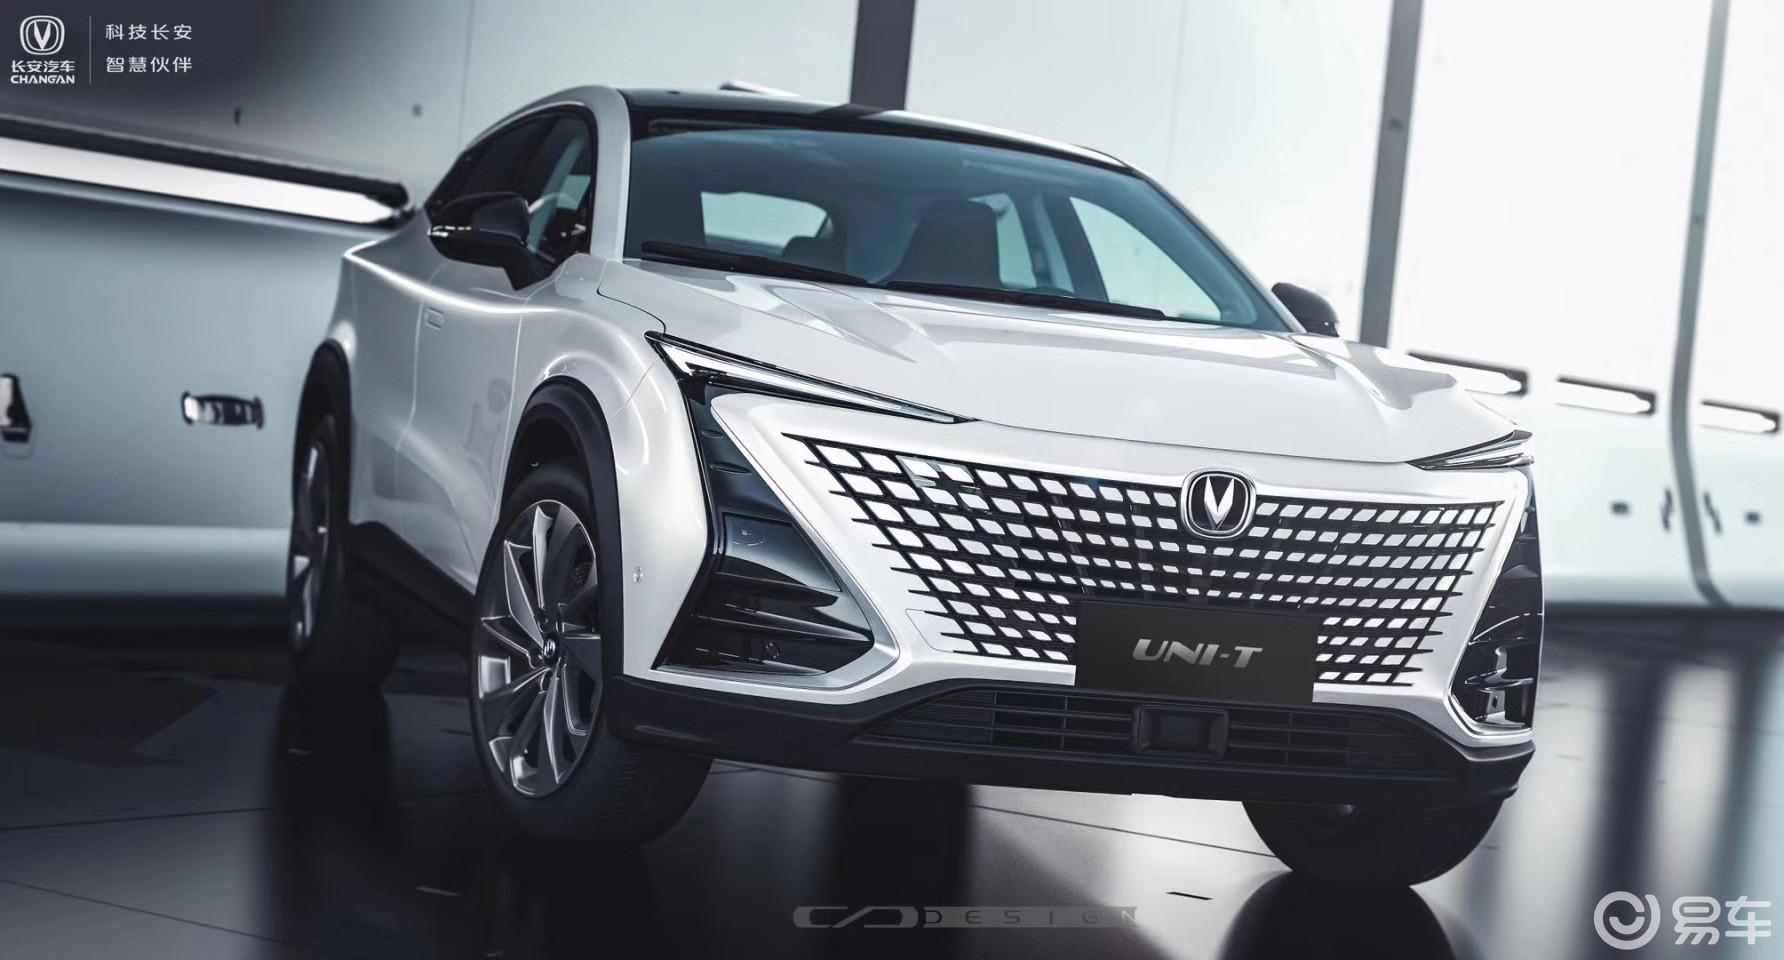 长安UNI-T官图曝光!新车将于今年6月正式上市发售